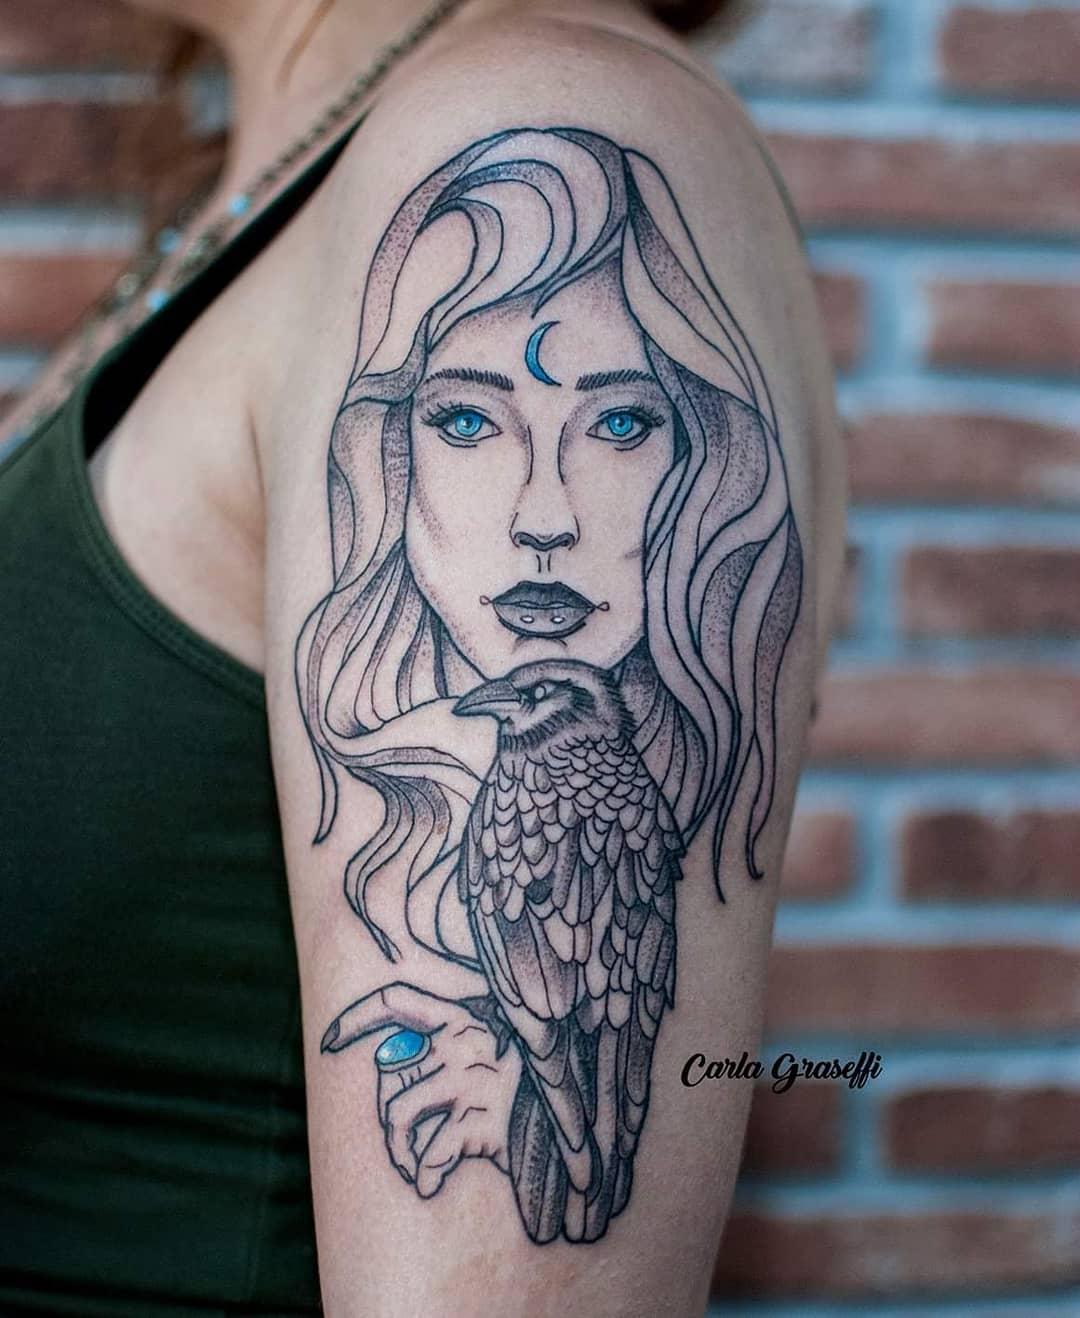 1613127931 323 60 ideas de tatuajes de ojos griegos para protegerse del - 60 ideas de tatuajes de ojos griegos para protegerse del mal de ojo